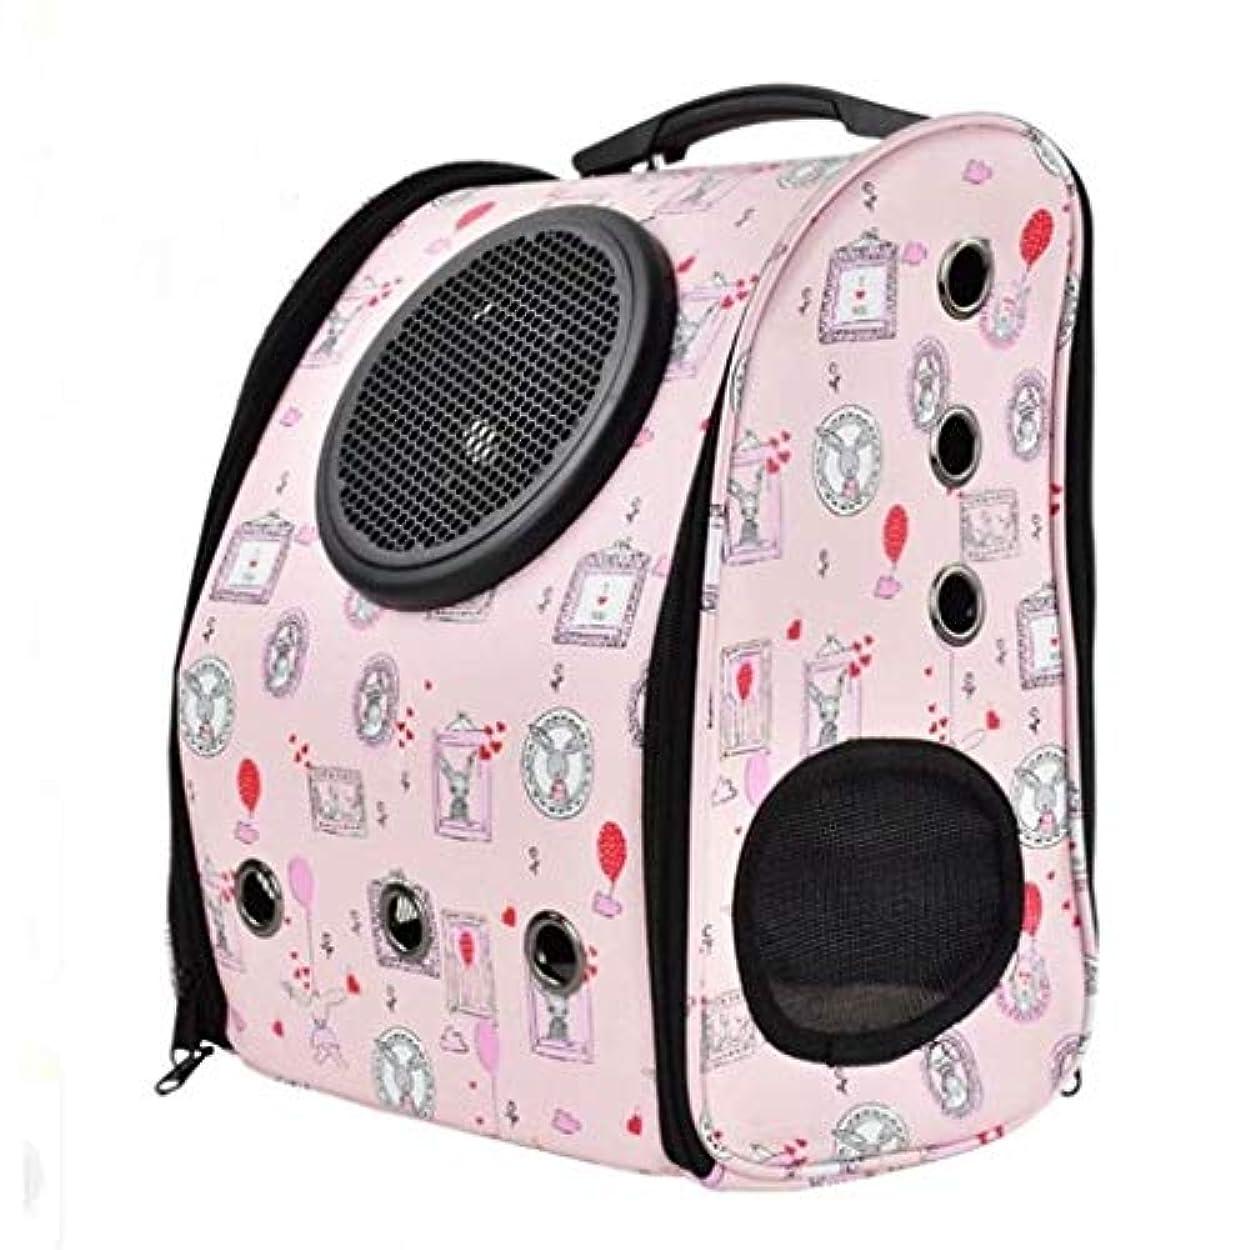 遠近法形摘むZAQXSW ペットバッグ猫バッグ犬バッグペットアウトバッグ猫アウト便利なバックパックスペースカプセルペットバッグ犬バックパック (色 : ピンク)